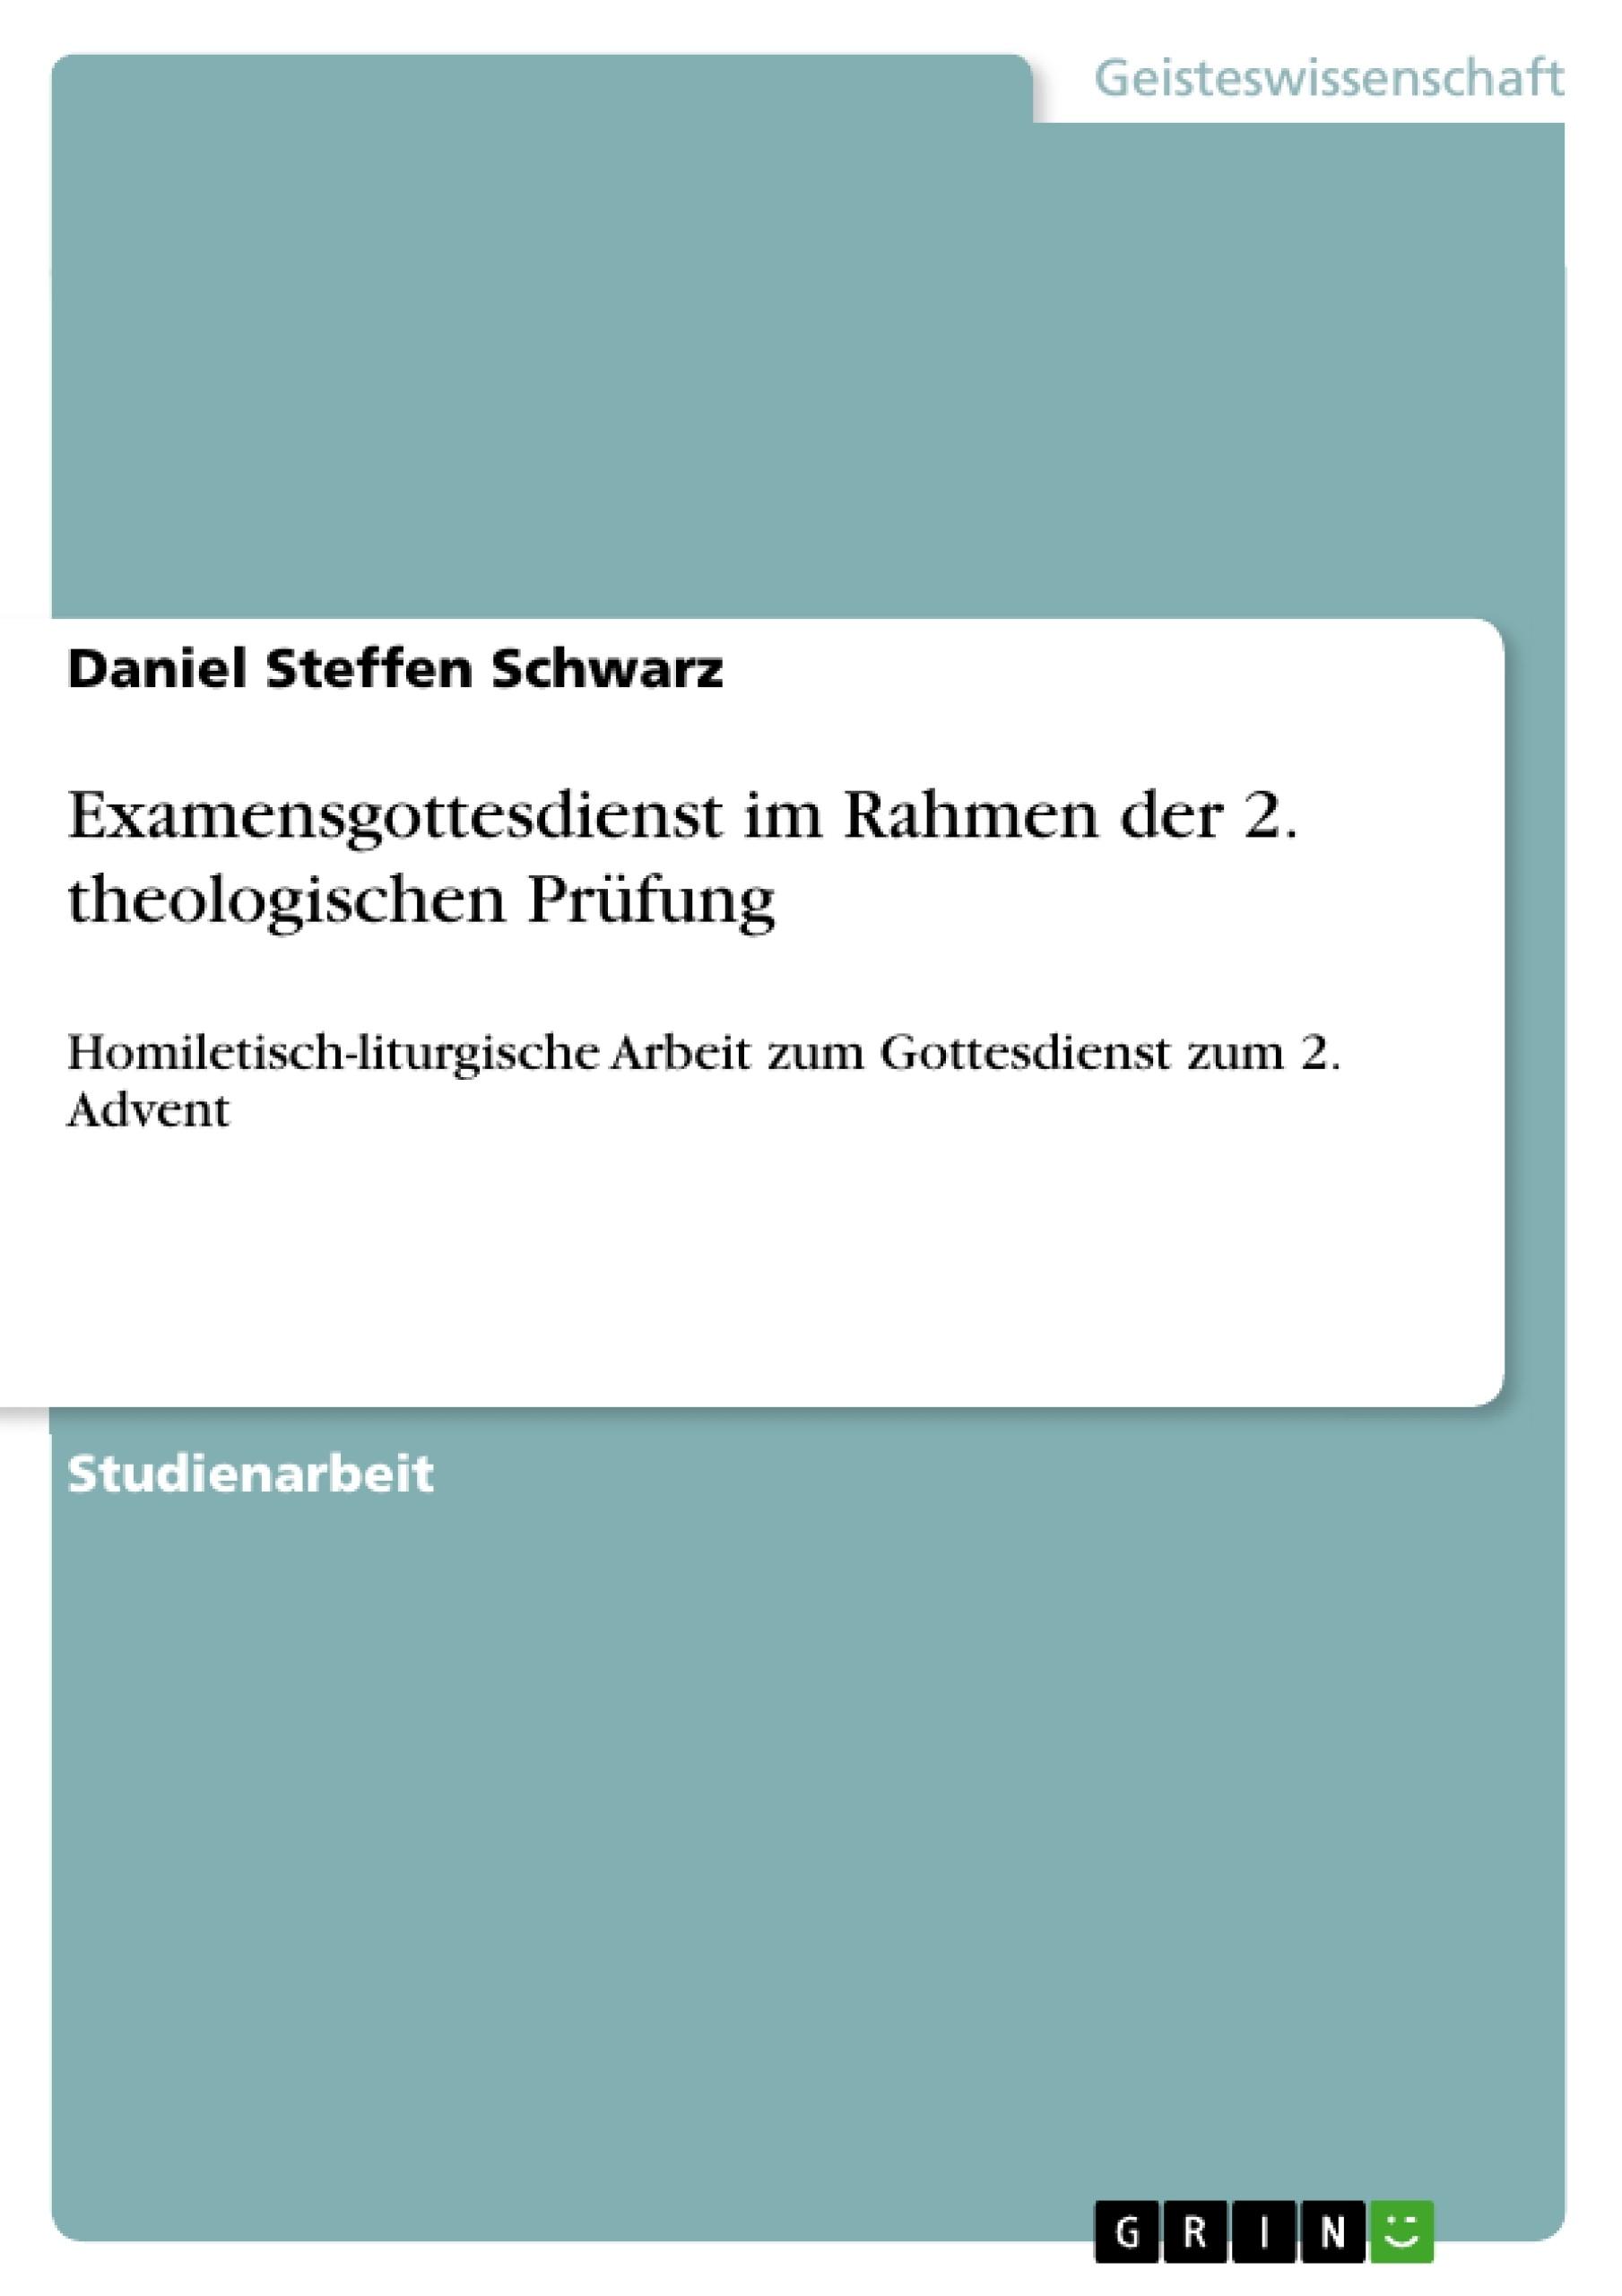 Titel: Examensgottesdienst im Rahmen der 2. theologischen Prüfung